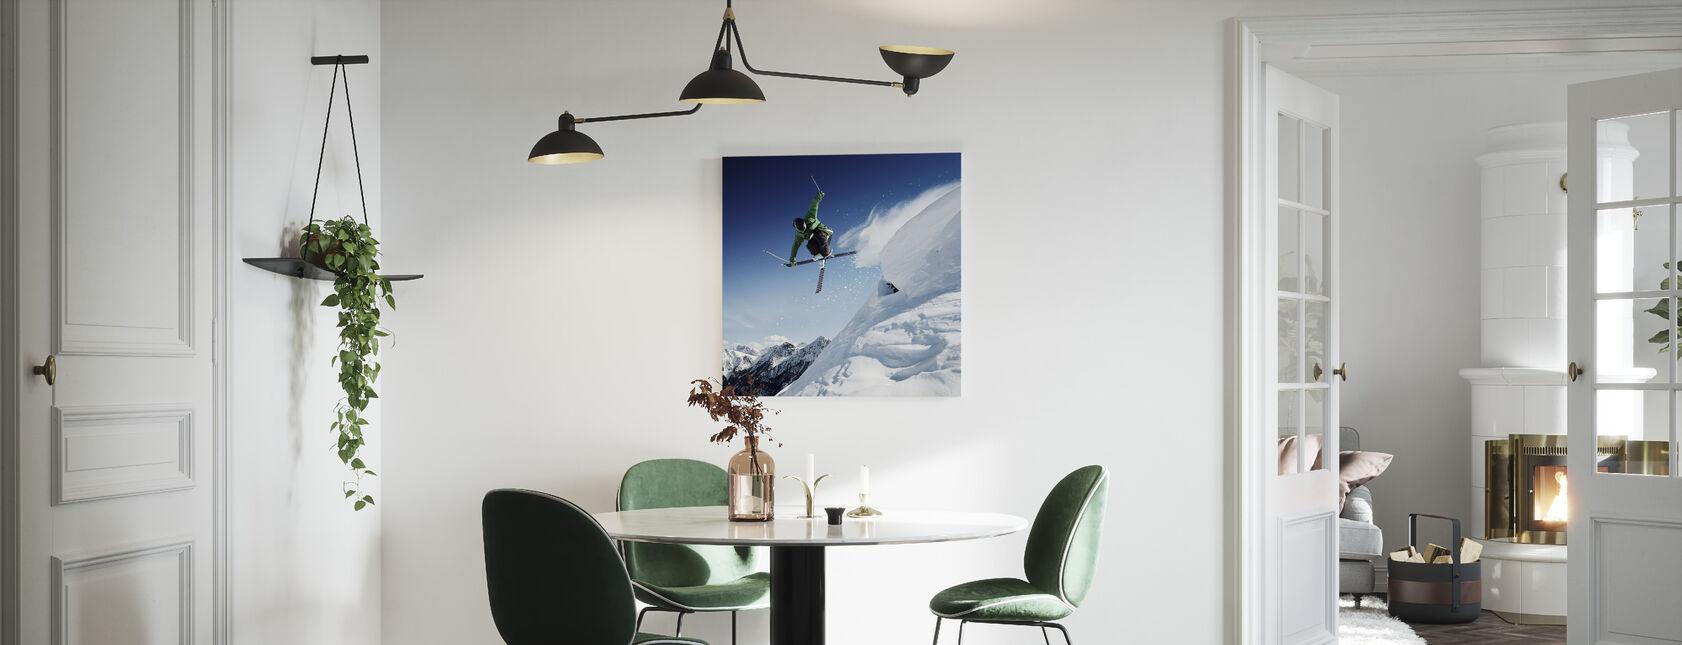 Springender Skifahrer - Leinwandbild - Küchen